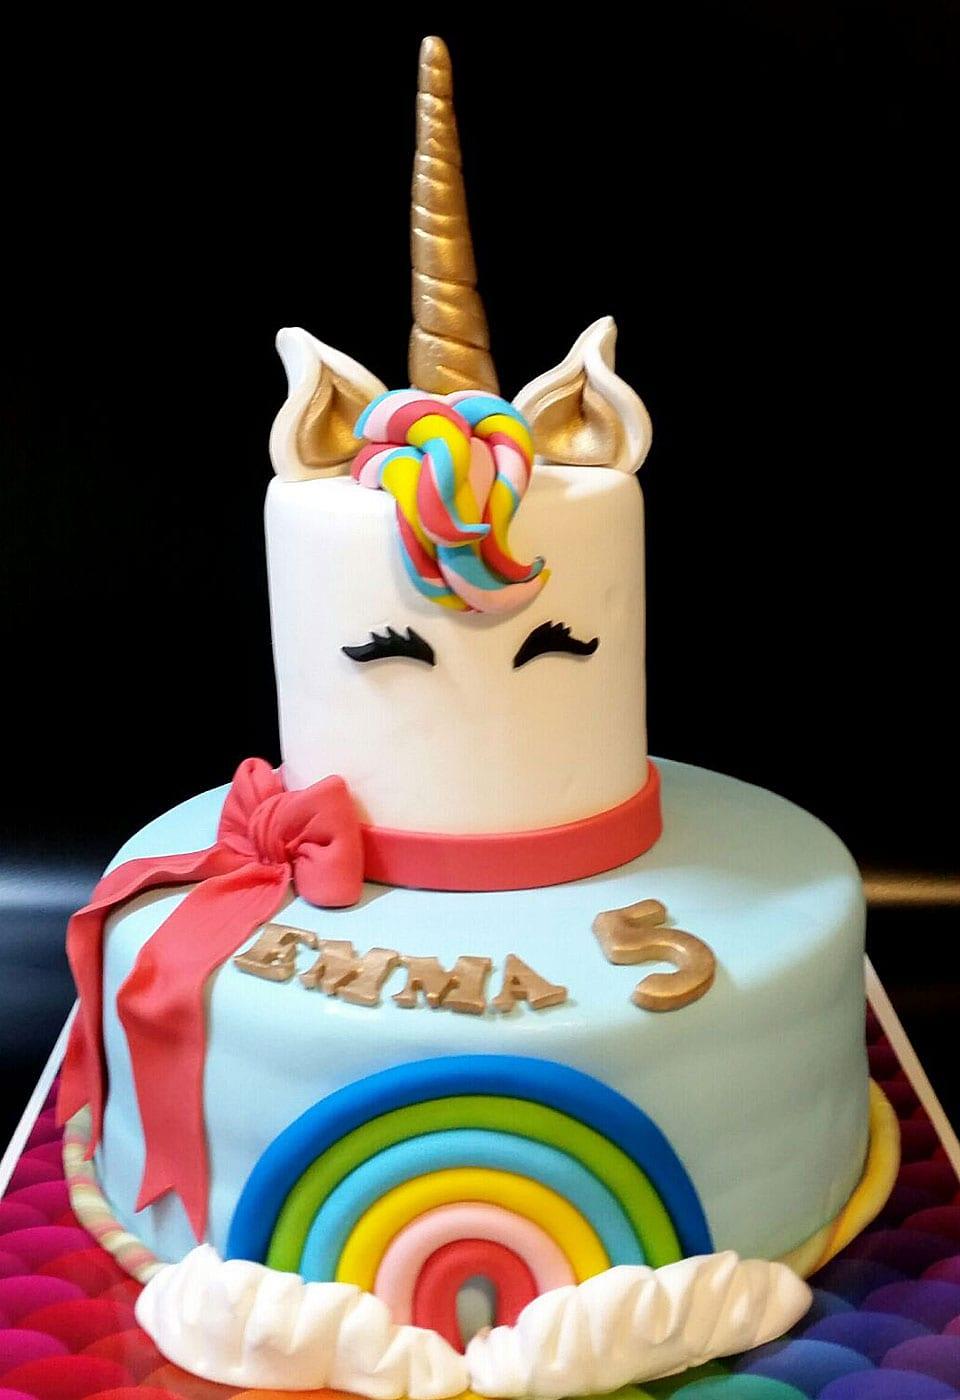 עוגת יום הולדת חד קרן אמה